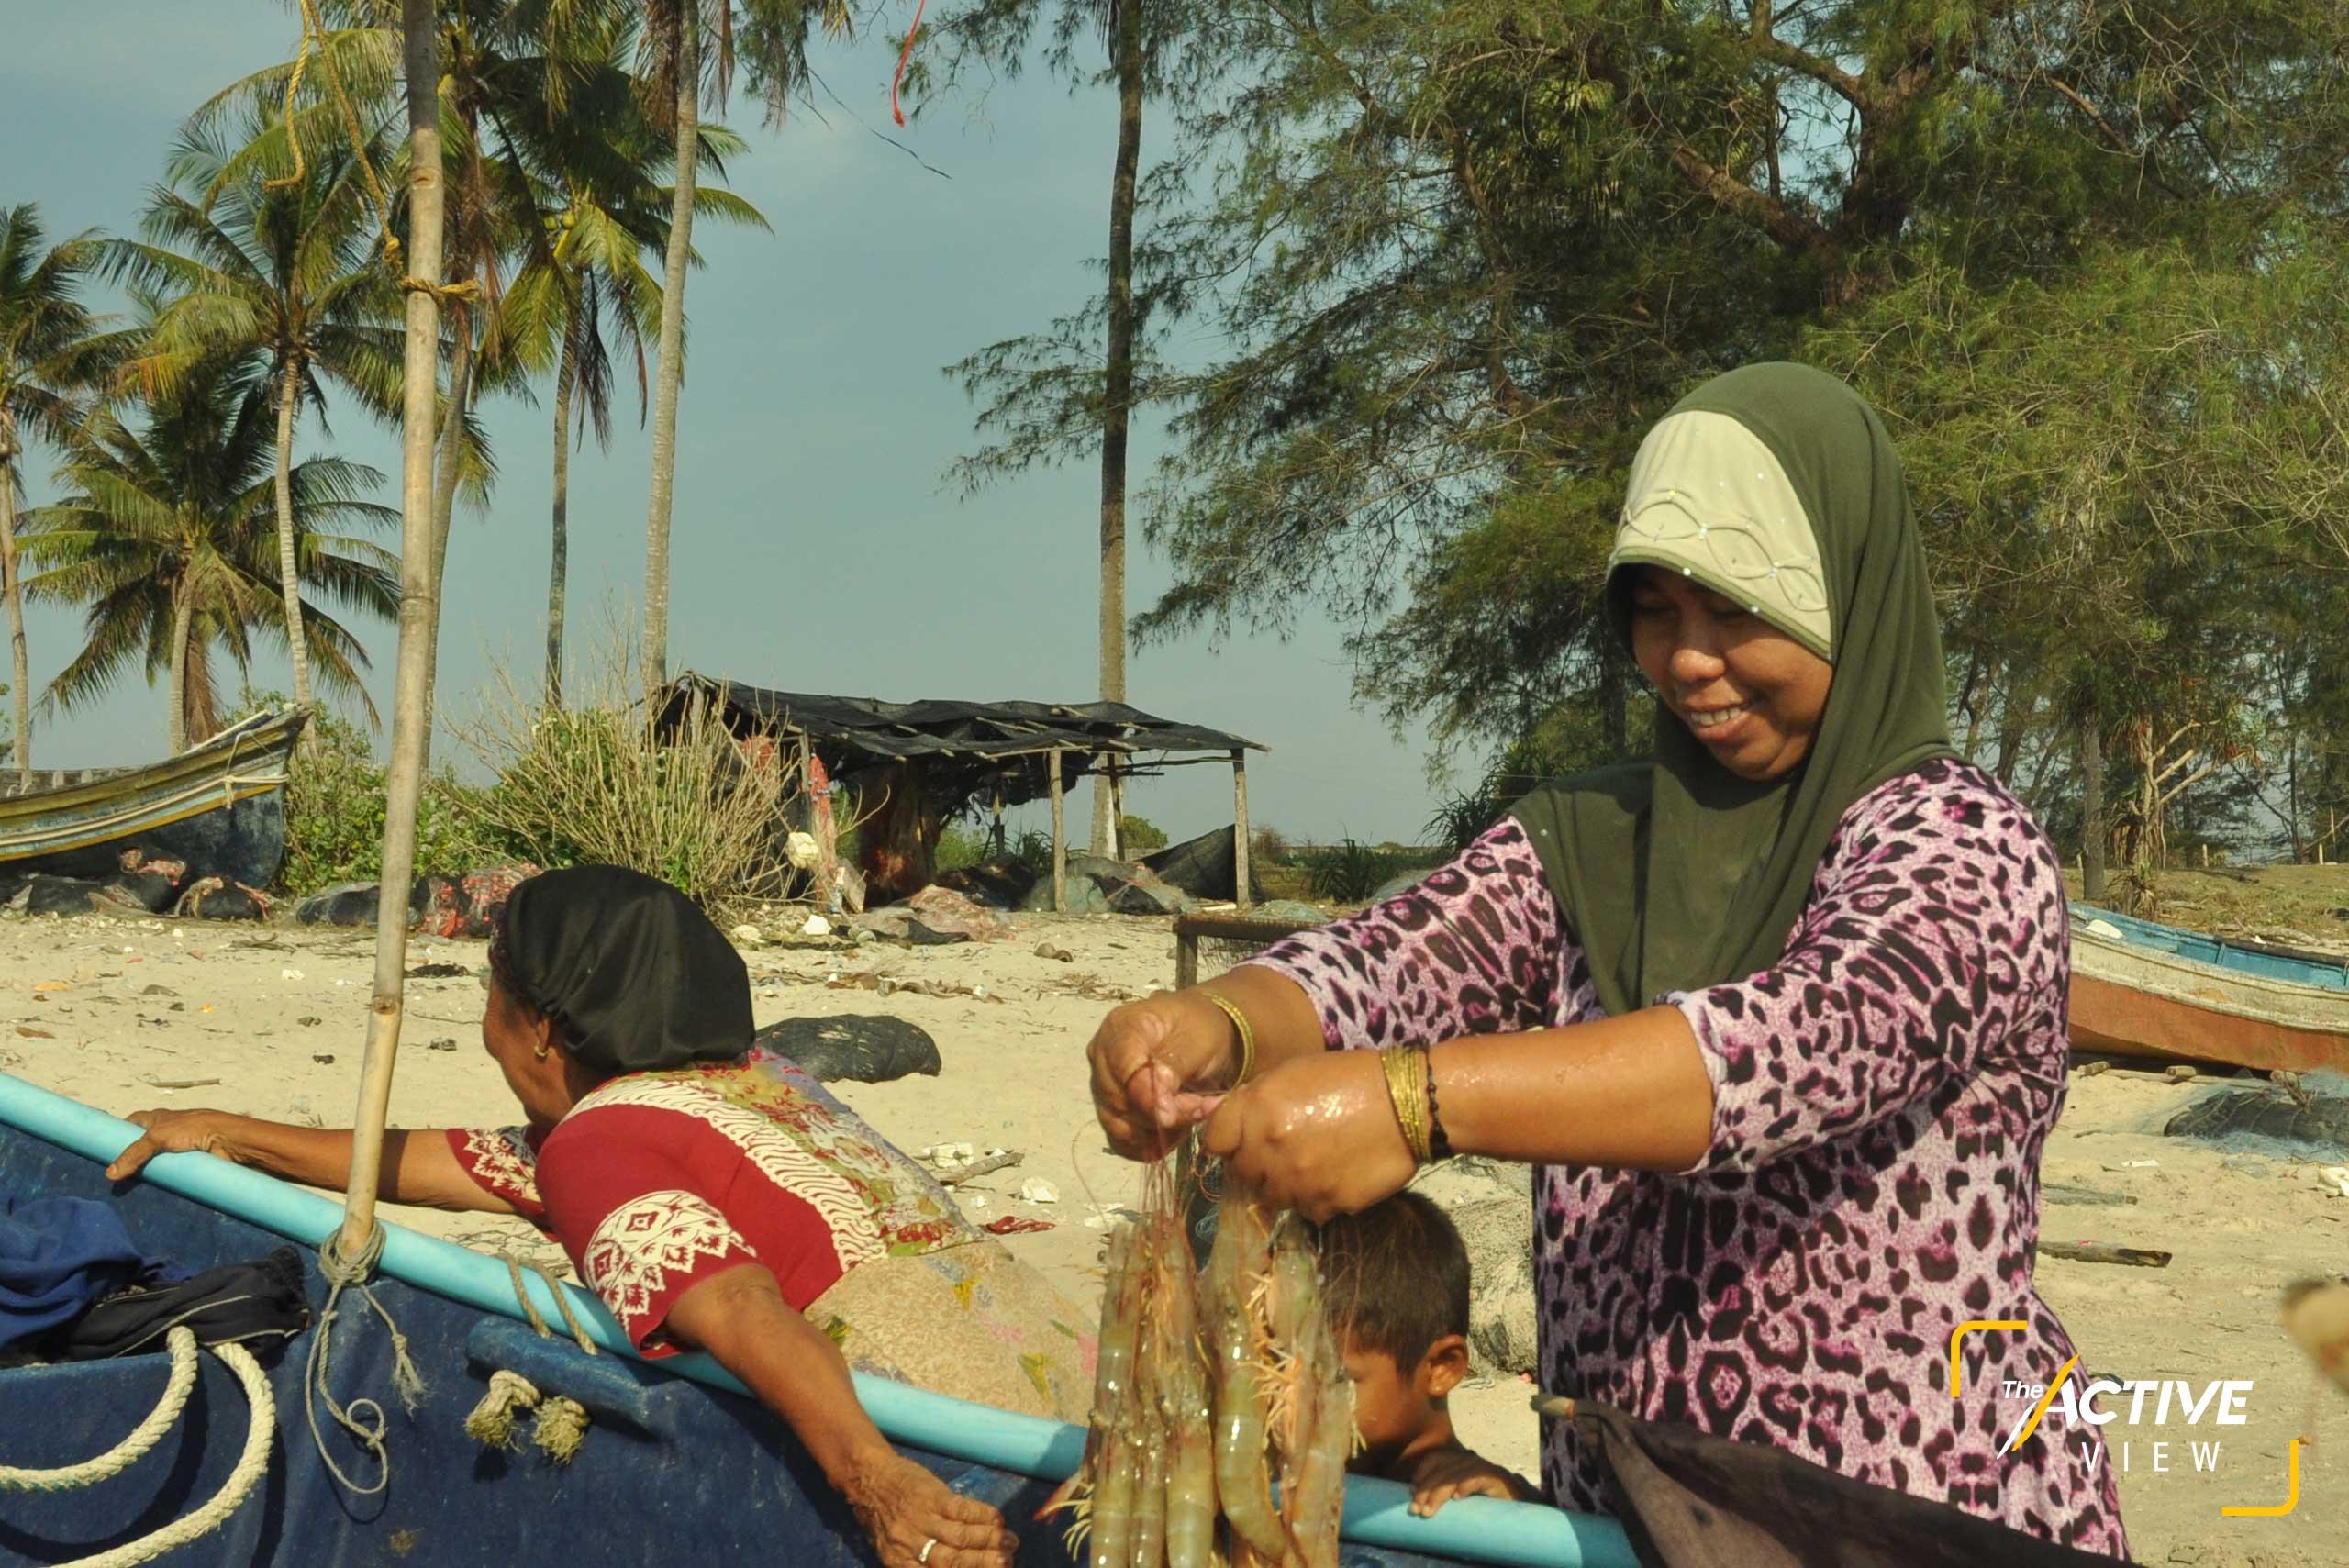 ผู้หญิงและเด็กพากันออกมารับคนในครอบครัวหลังจากออกทะเลมาทั้งคืน